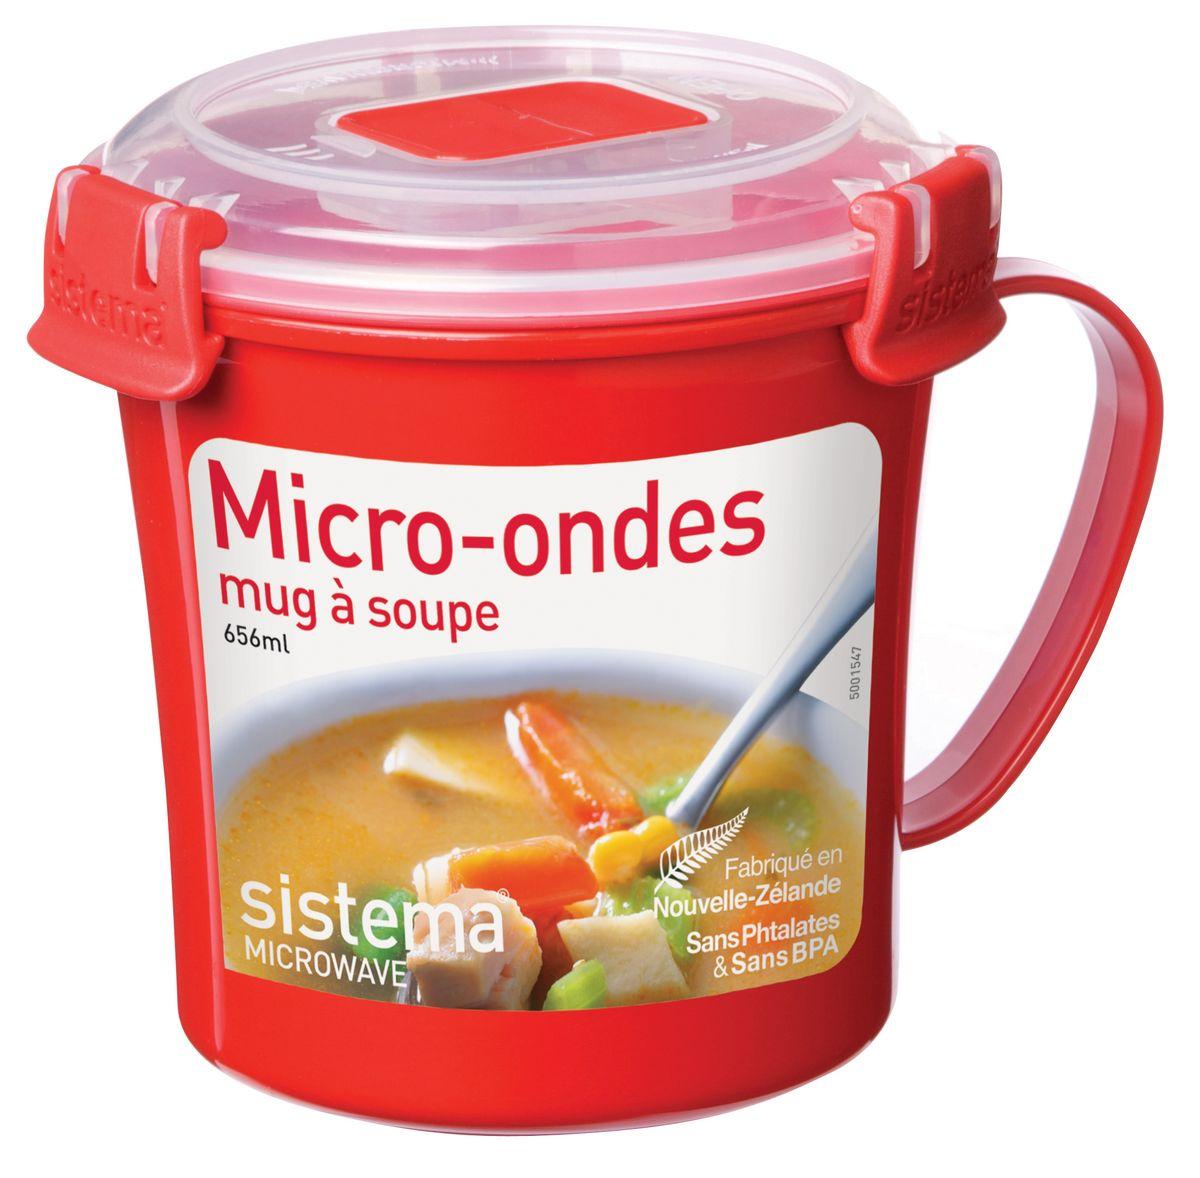 Кружка суповая Sistema Microwave, 656 мл1107Кружка суповая Sistema Microwave создана для людей, ведущих активный образ жизни. Кружка с надежной защитой от протечек позволит взять с собой горячий суп на пикник, в офис или в поездку. На крышке имеется силиконовая прокладка, которая способствует герметичному закрыванию. Контейнер надежно закрывается клипсами, которые при необходимости можно заменить.Можно мыть в посудомоечной машине.